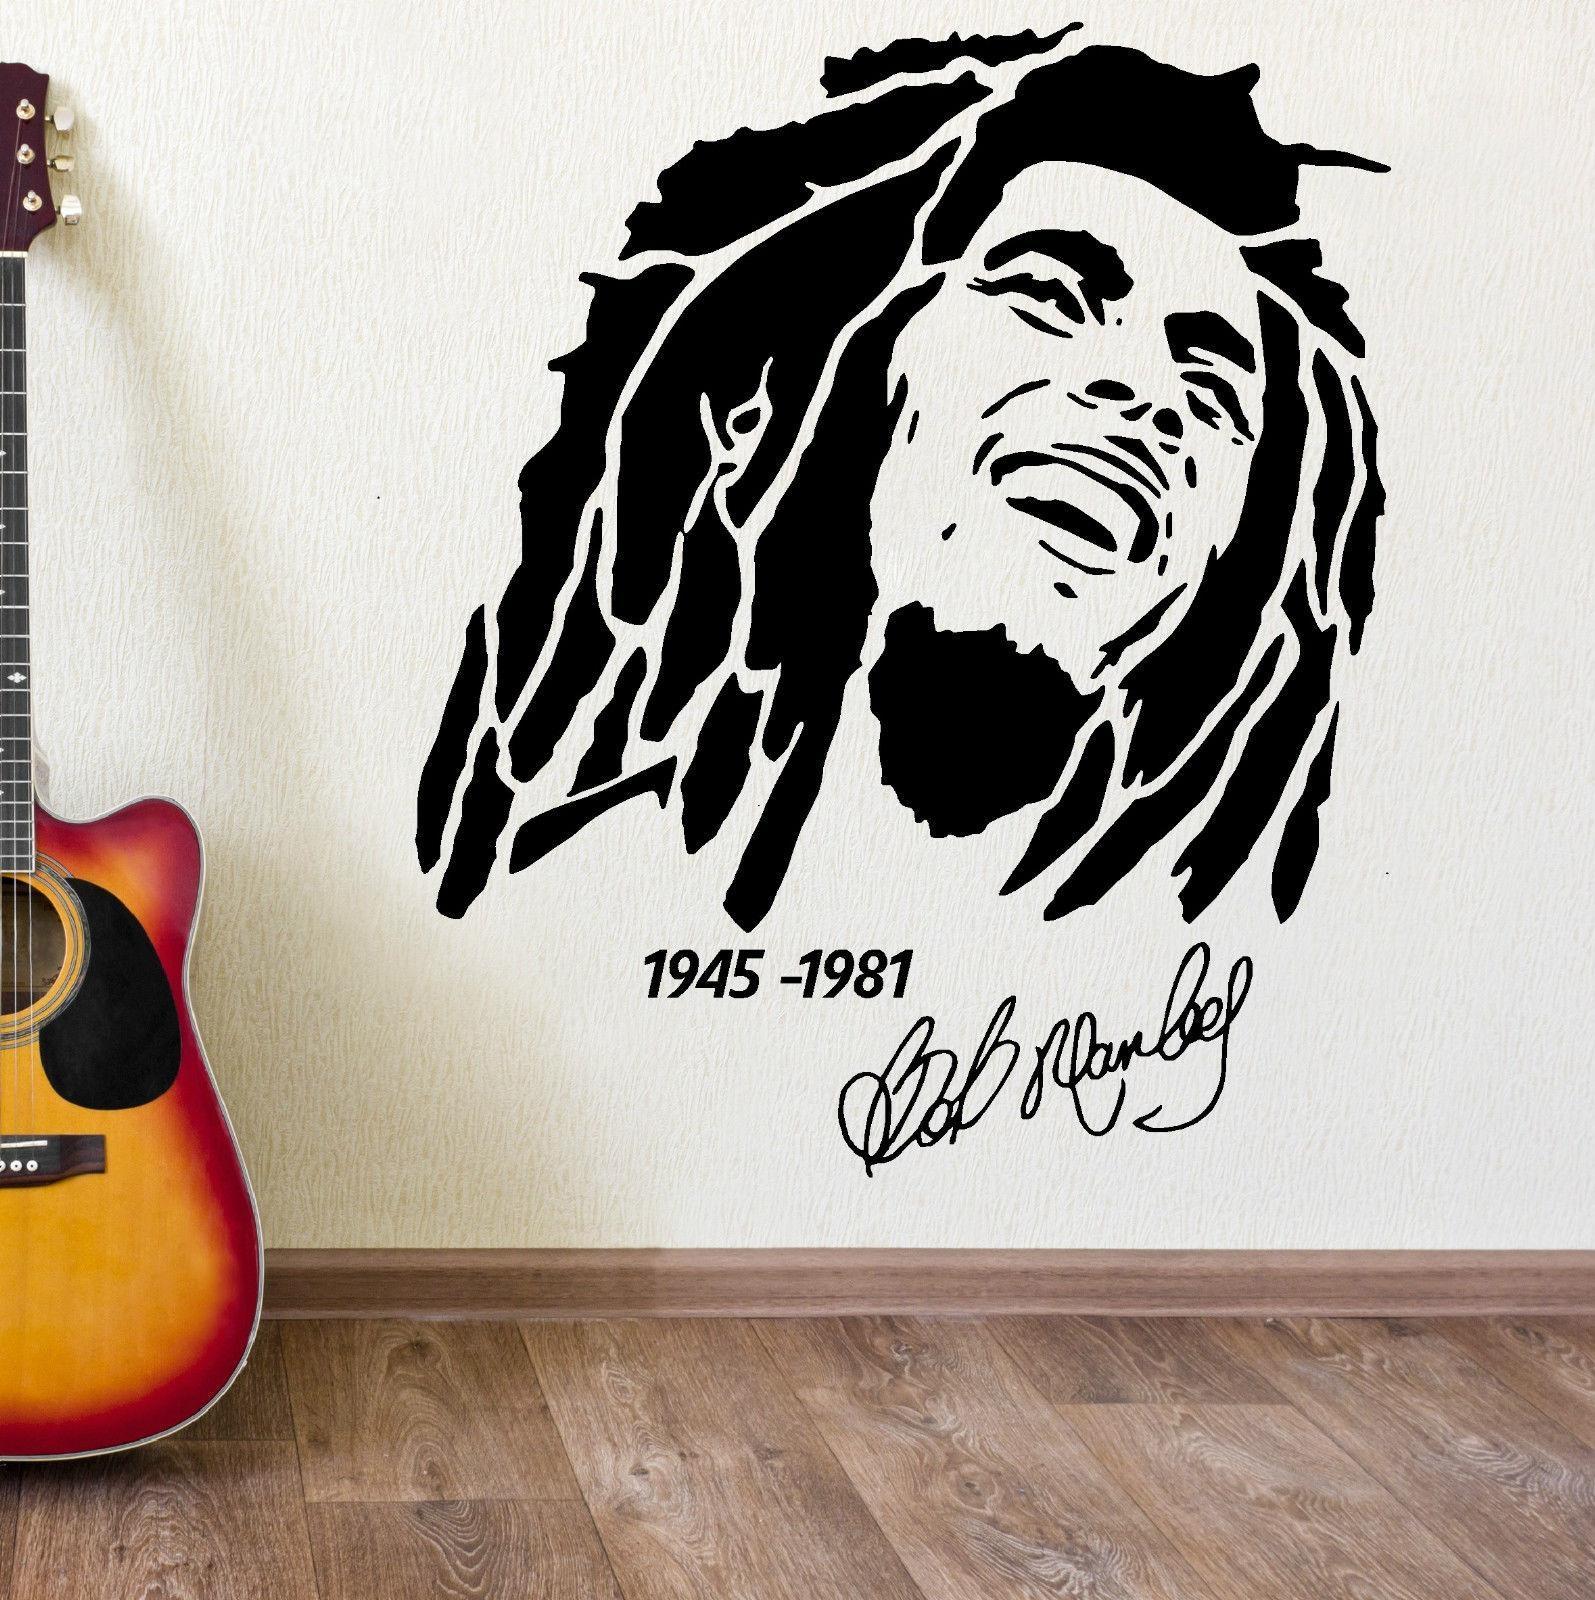 Popular Wall Art Bob Marley Vinyl Sticker Buy Cheap Wall Art Bob With Regard To Bob Marley Wall Art (Image 19 of 20)